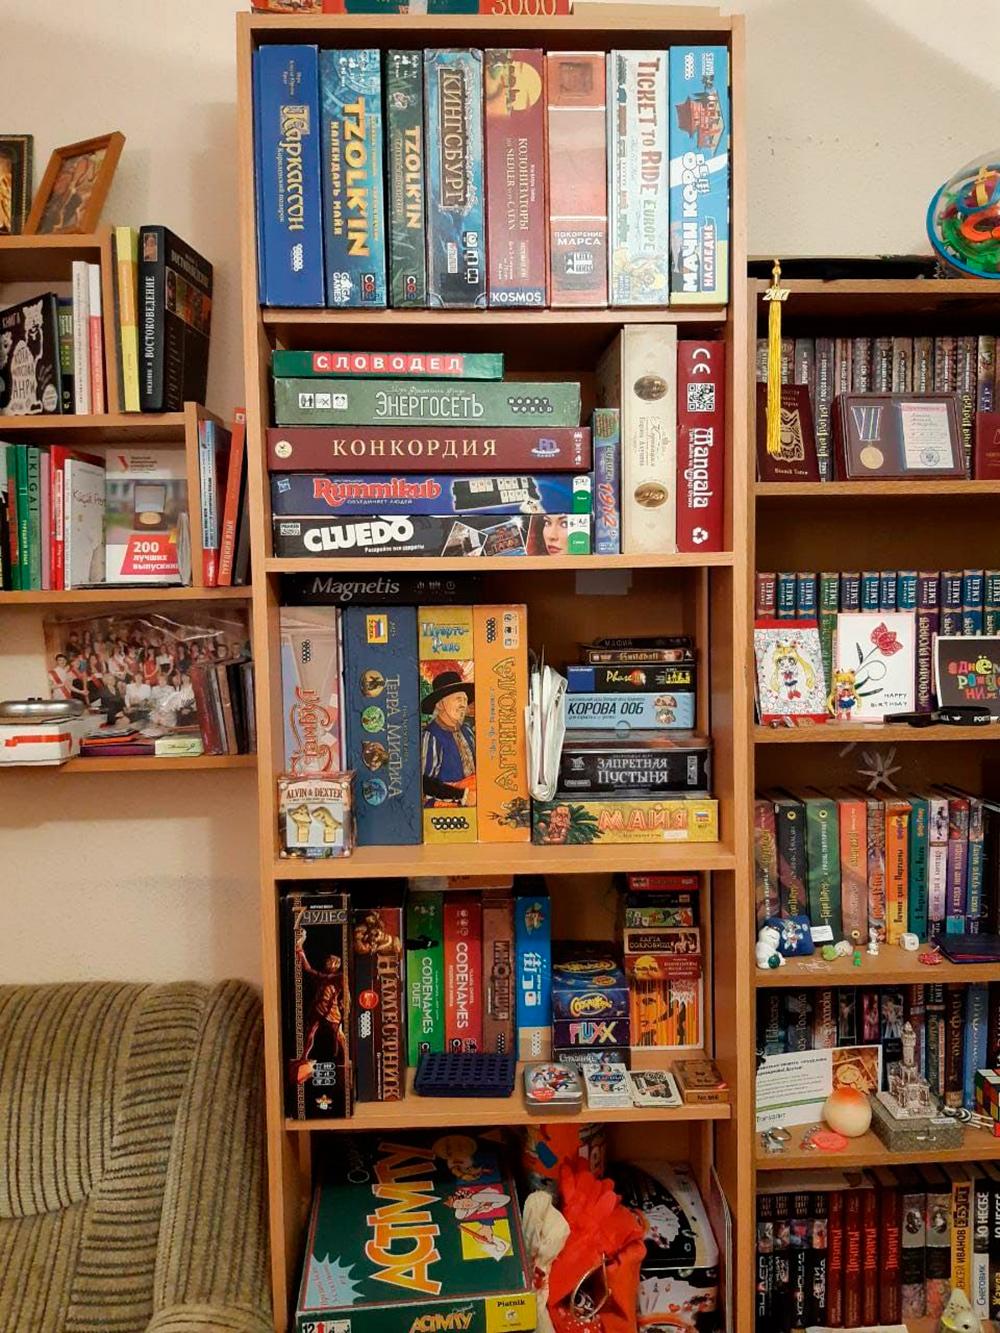 Моя коллекция настольных игр. Я собираю ее с 2009года. В 2011—2016 годах я работала гейм-мастером на игротеках от магазинов настольных игр — объясняла гостям правила игр, чтобы им не приходилось читать их самим